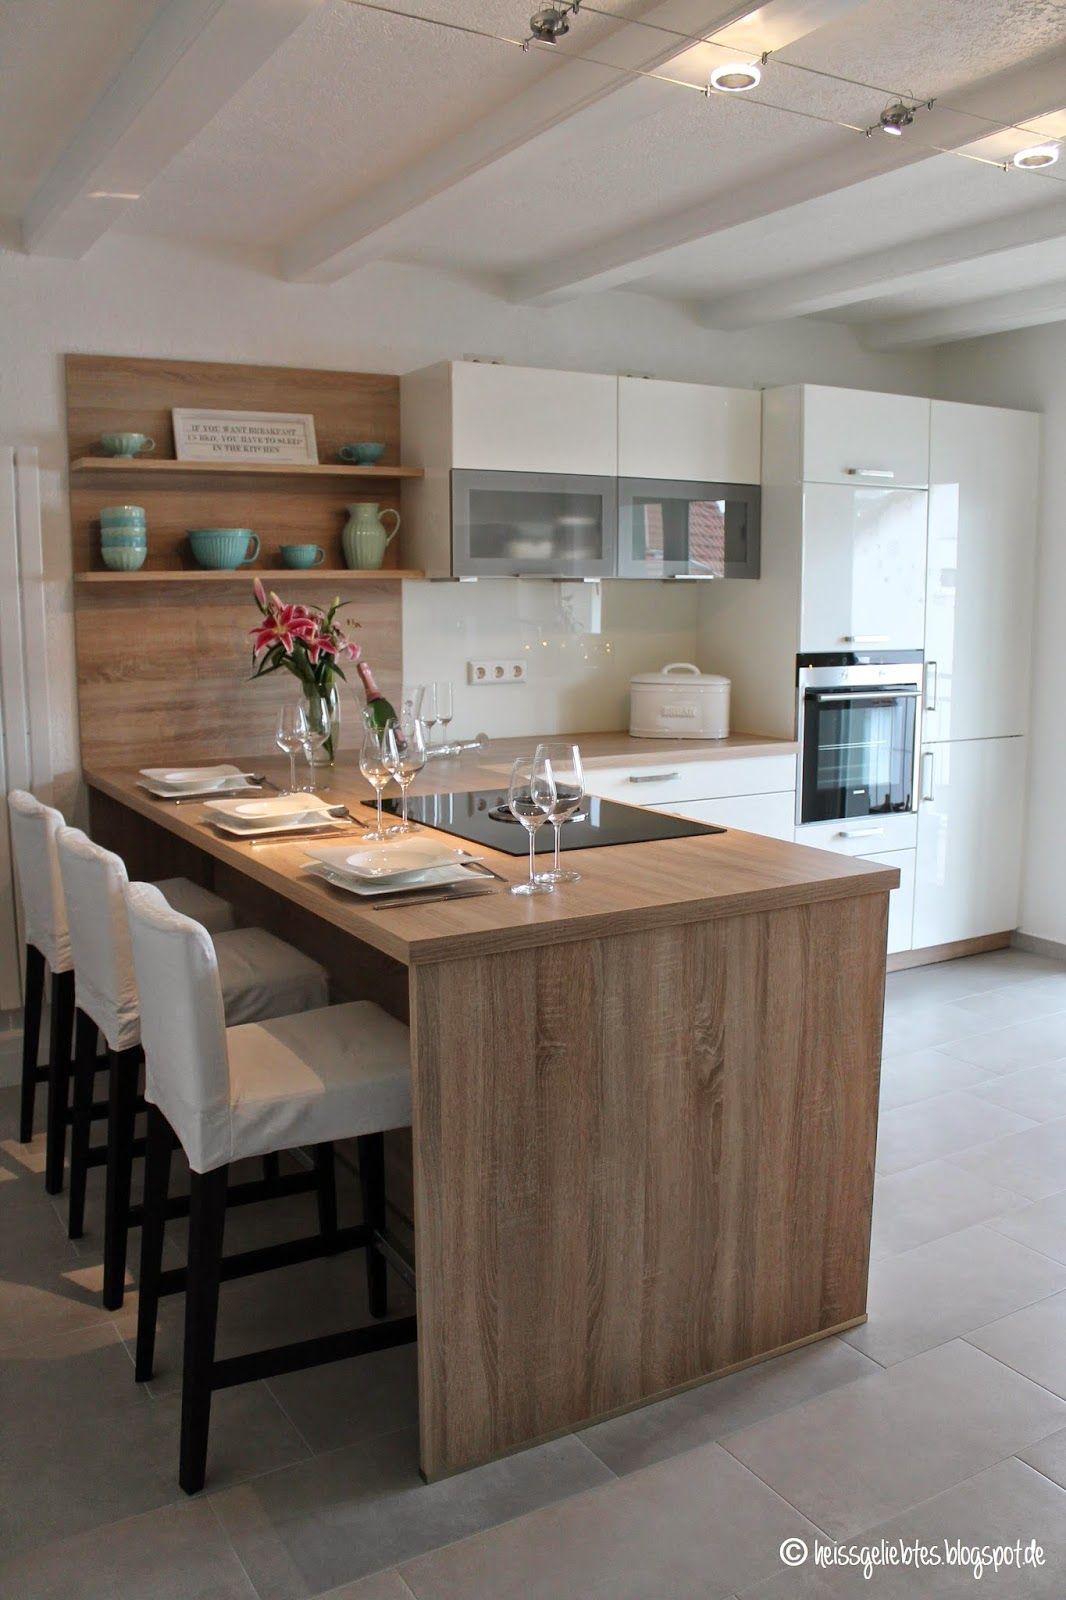 Gestalten sie ihre küche dreh und angelpunkt die kÜche küche  bora  interior  kitchen